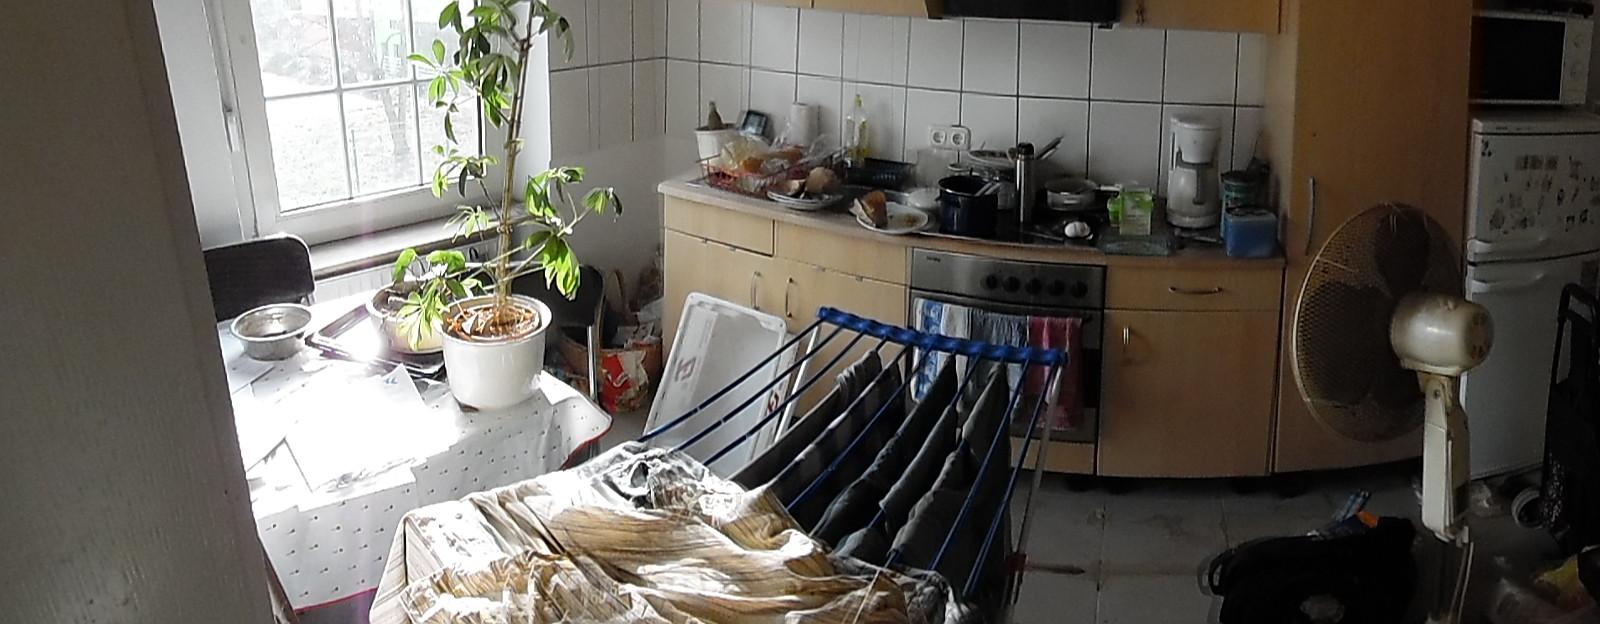 Die Küche lädt zum verweilen ein, oder?